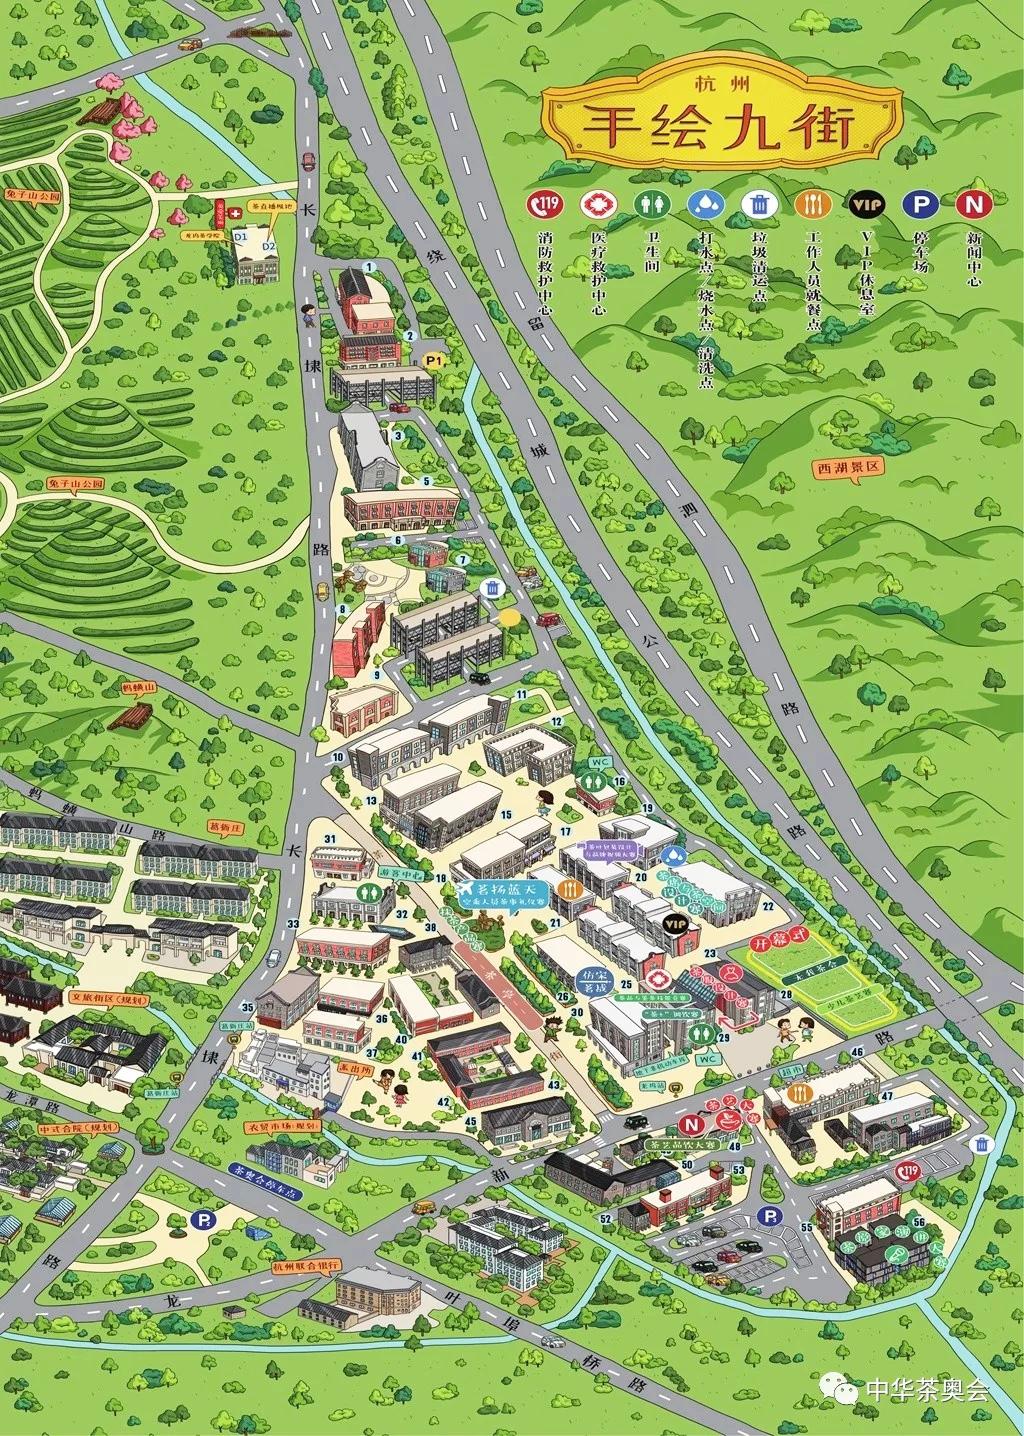 中华茶奥会现场龙坞茶镇九街手绘地图